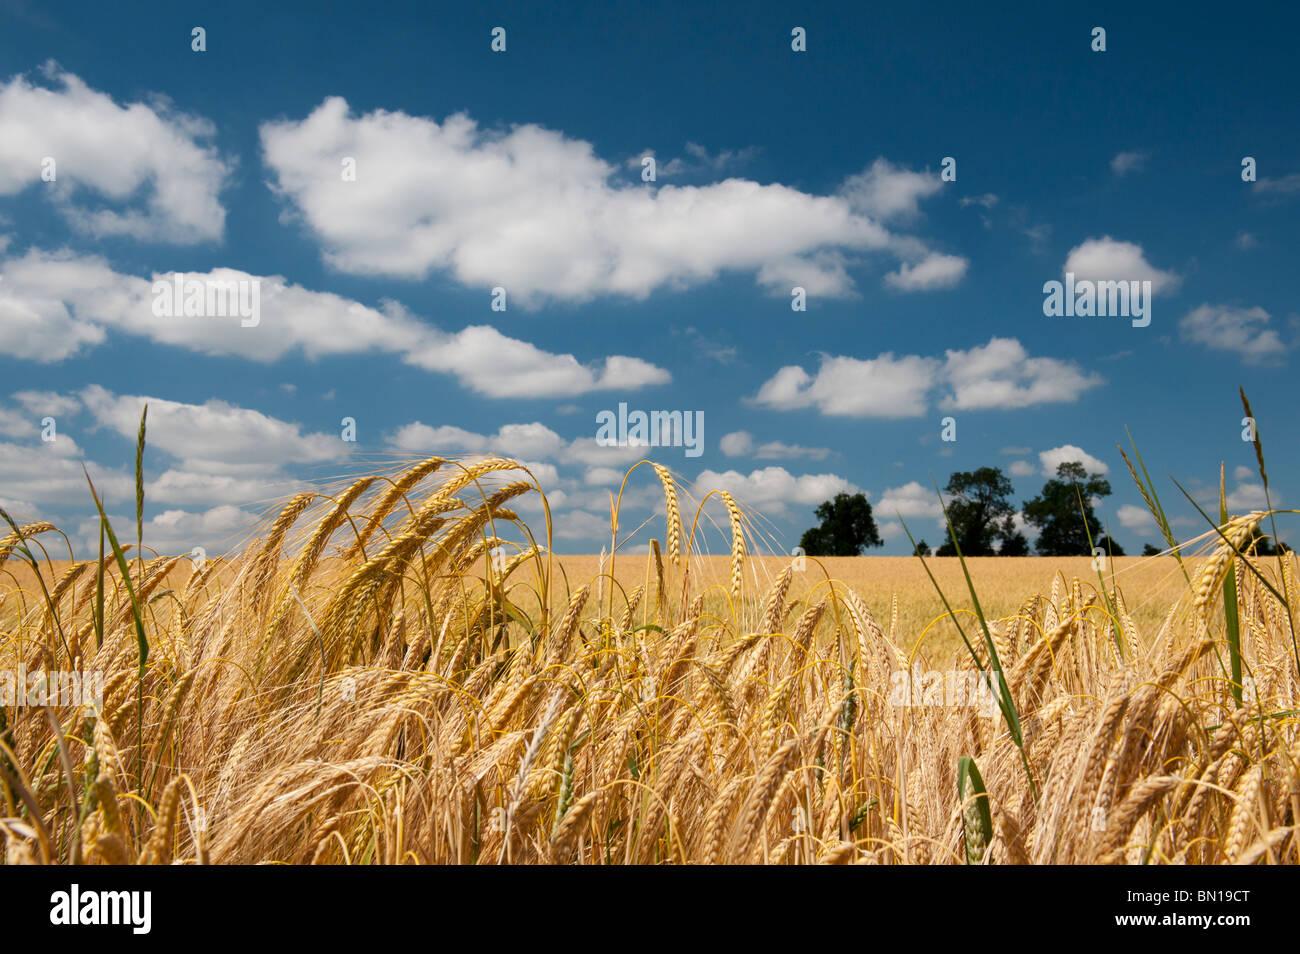 La maturation de l'orge dans un champ dans la campagne anglaise. Oxfordshire, Angleterre Photo Stock